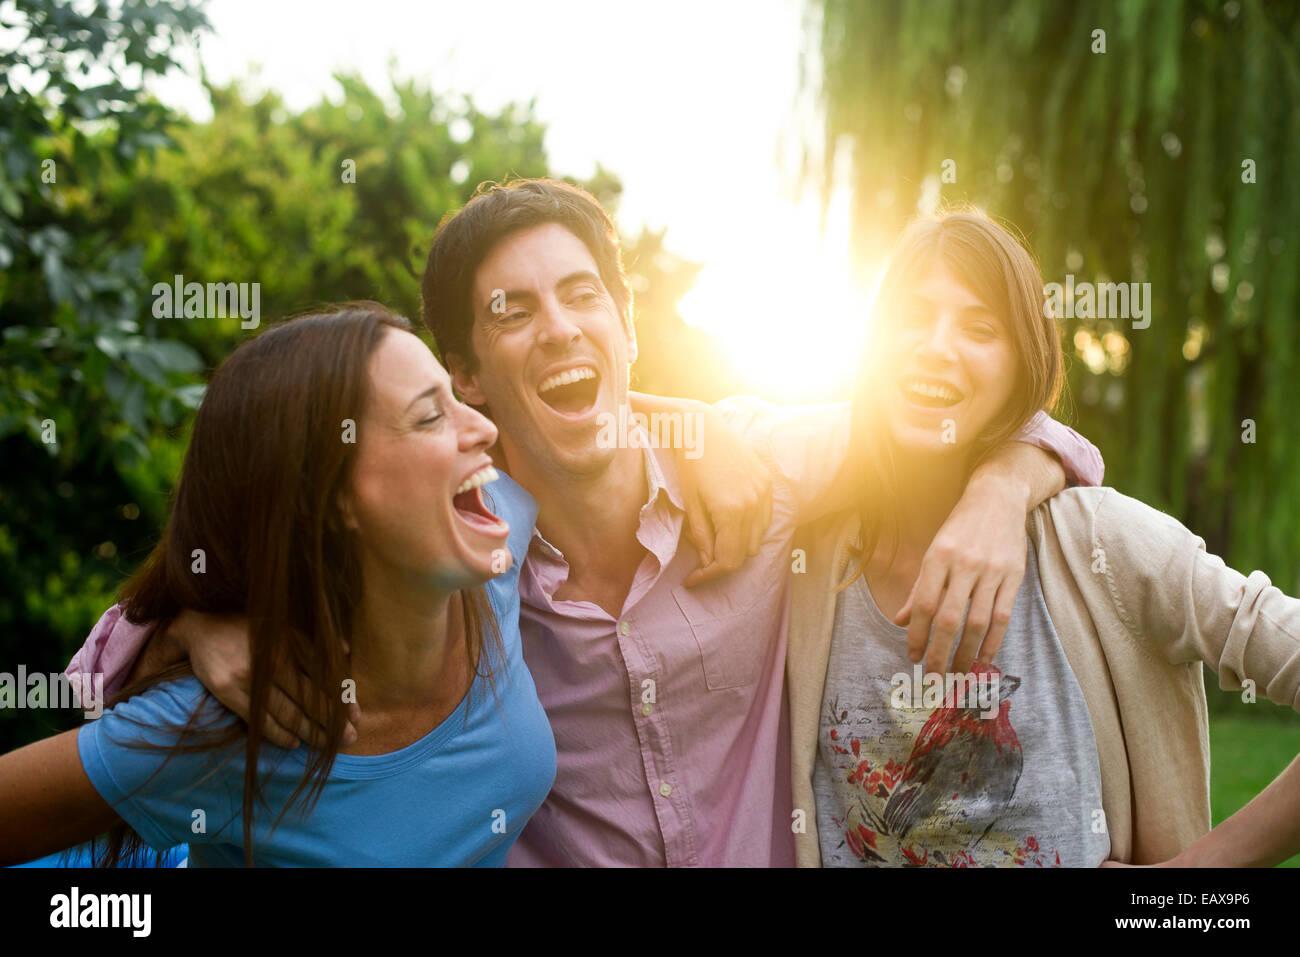 Gli amici sorseggiando weekend get insieme all'aperto Immagini Stock